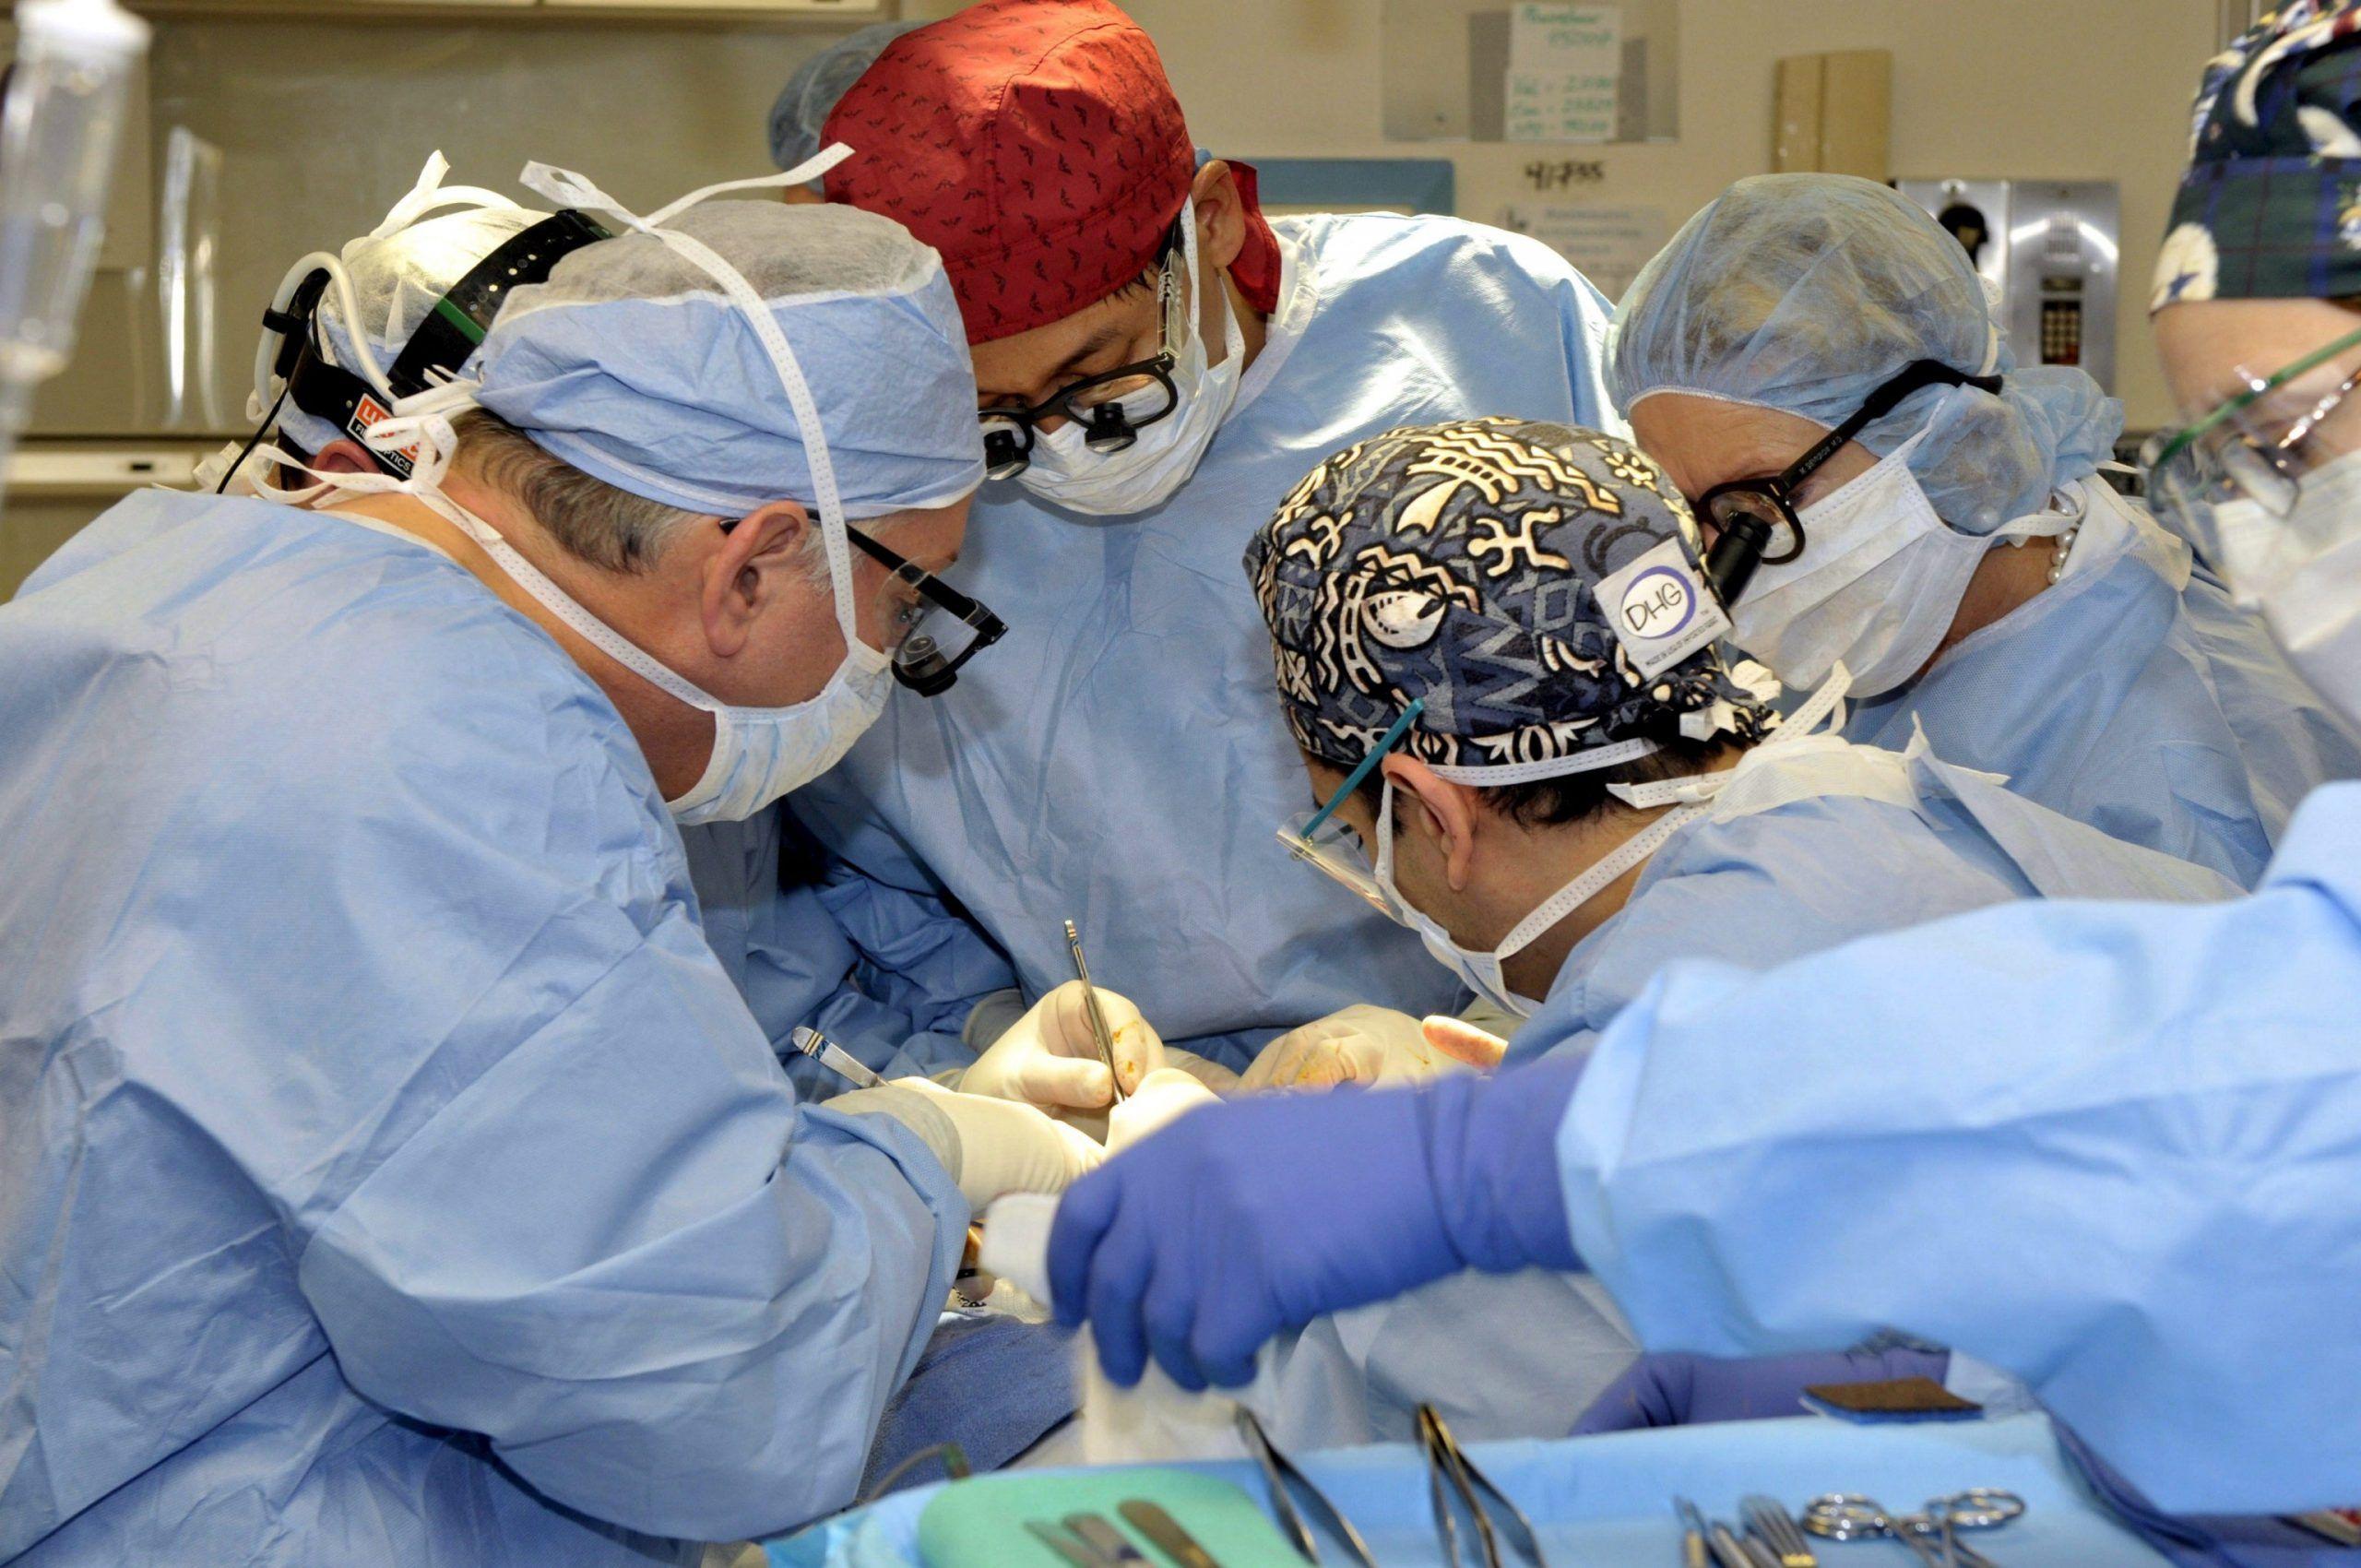 Un'operazione chirurgica in una foto d'archivio